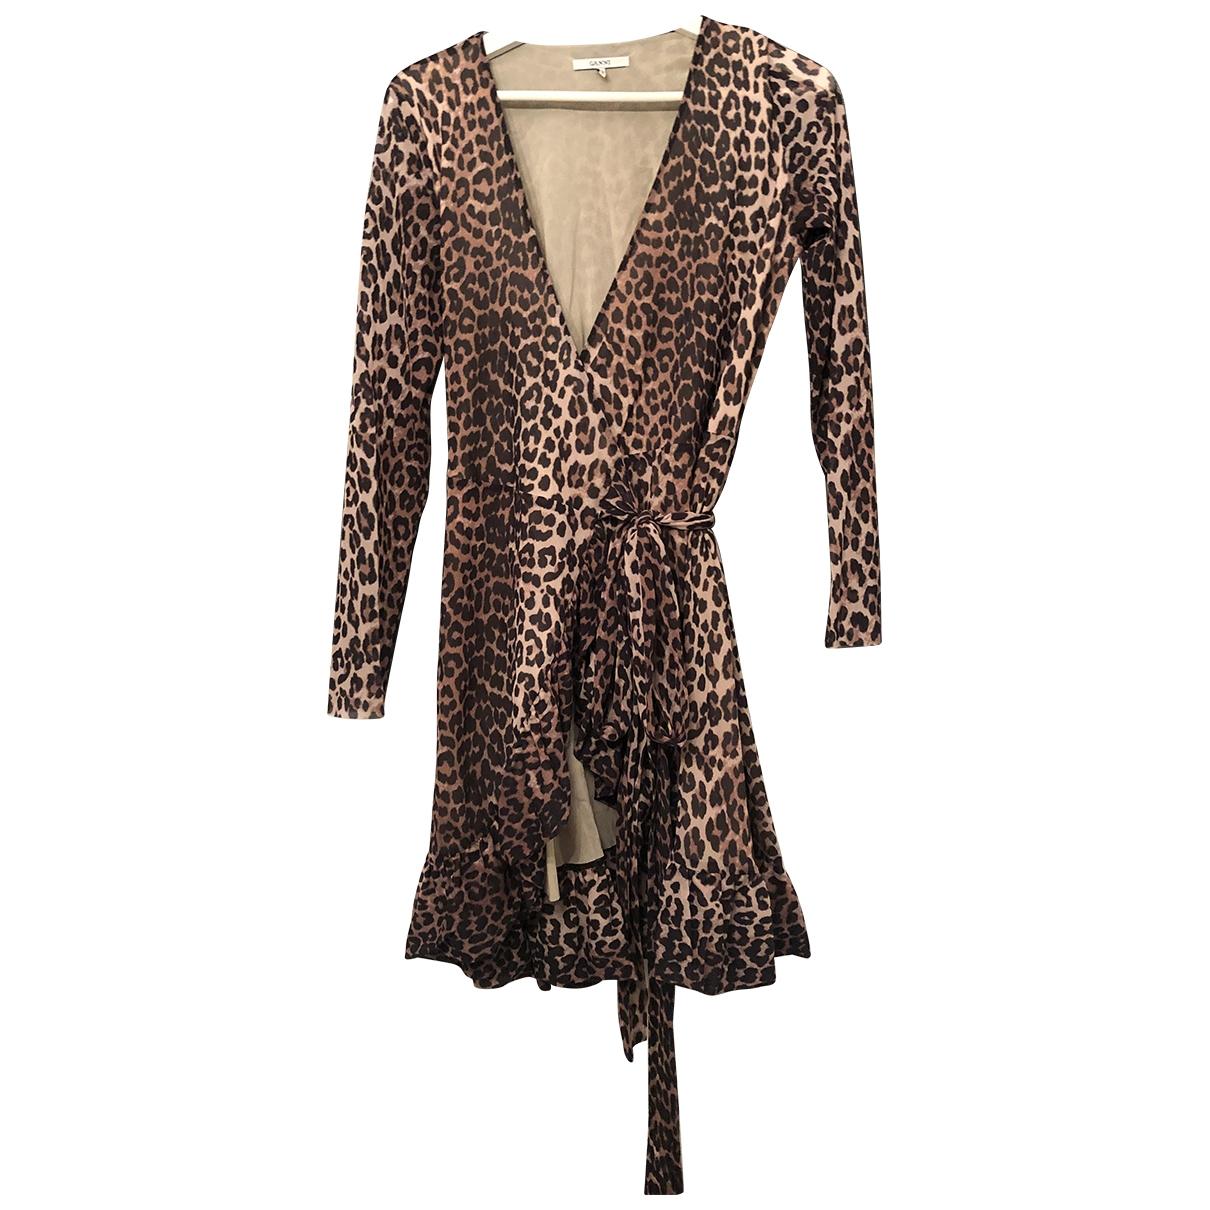 Ganni \N Kleid in  Braun Polyester